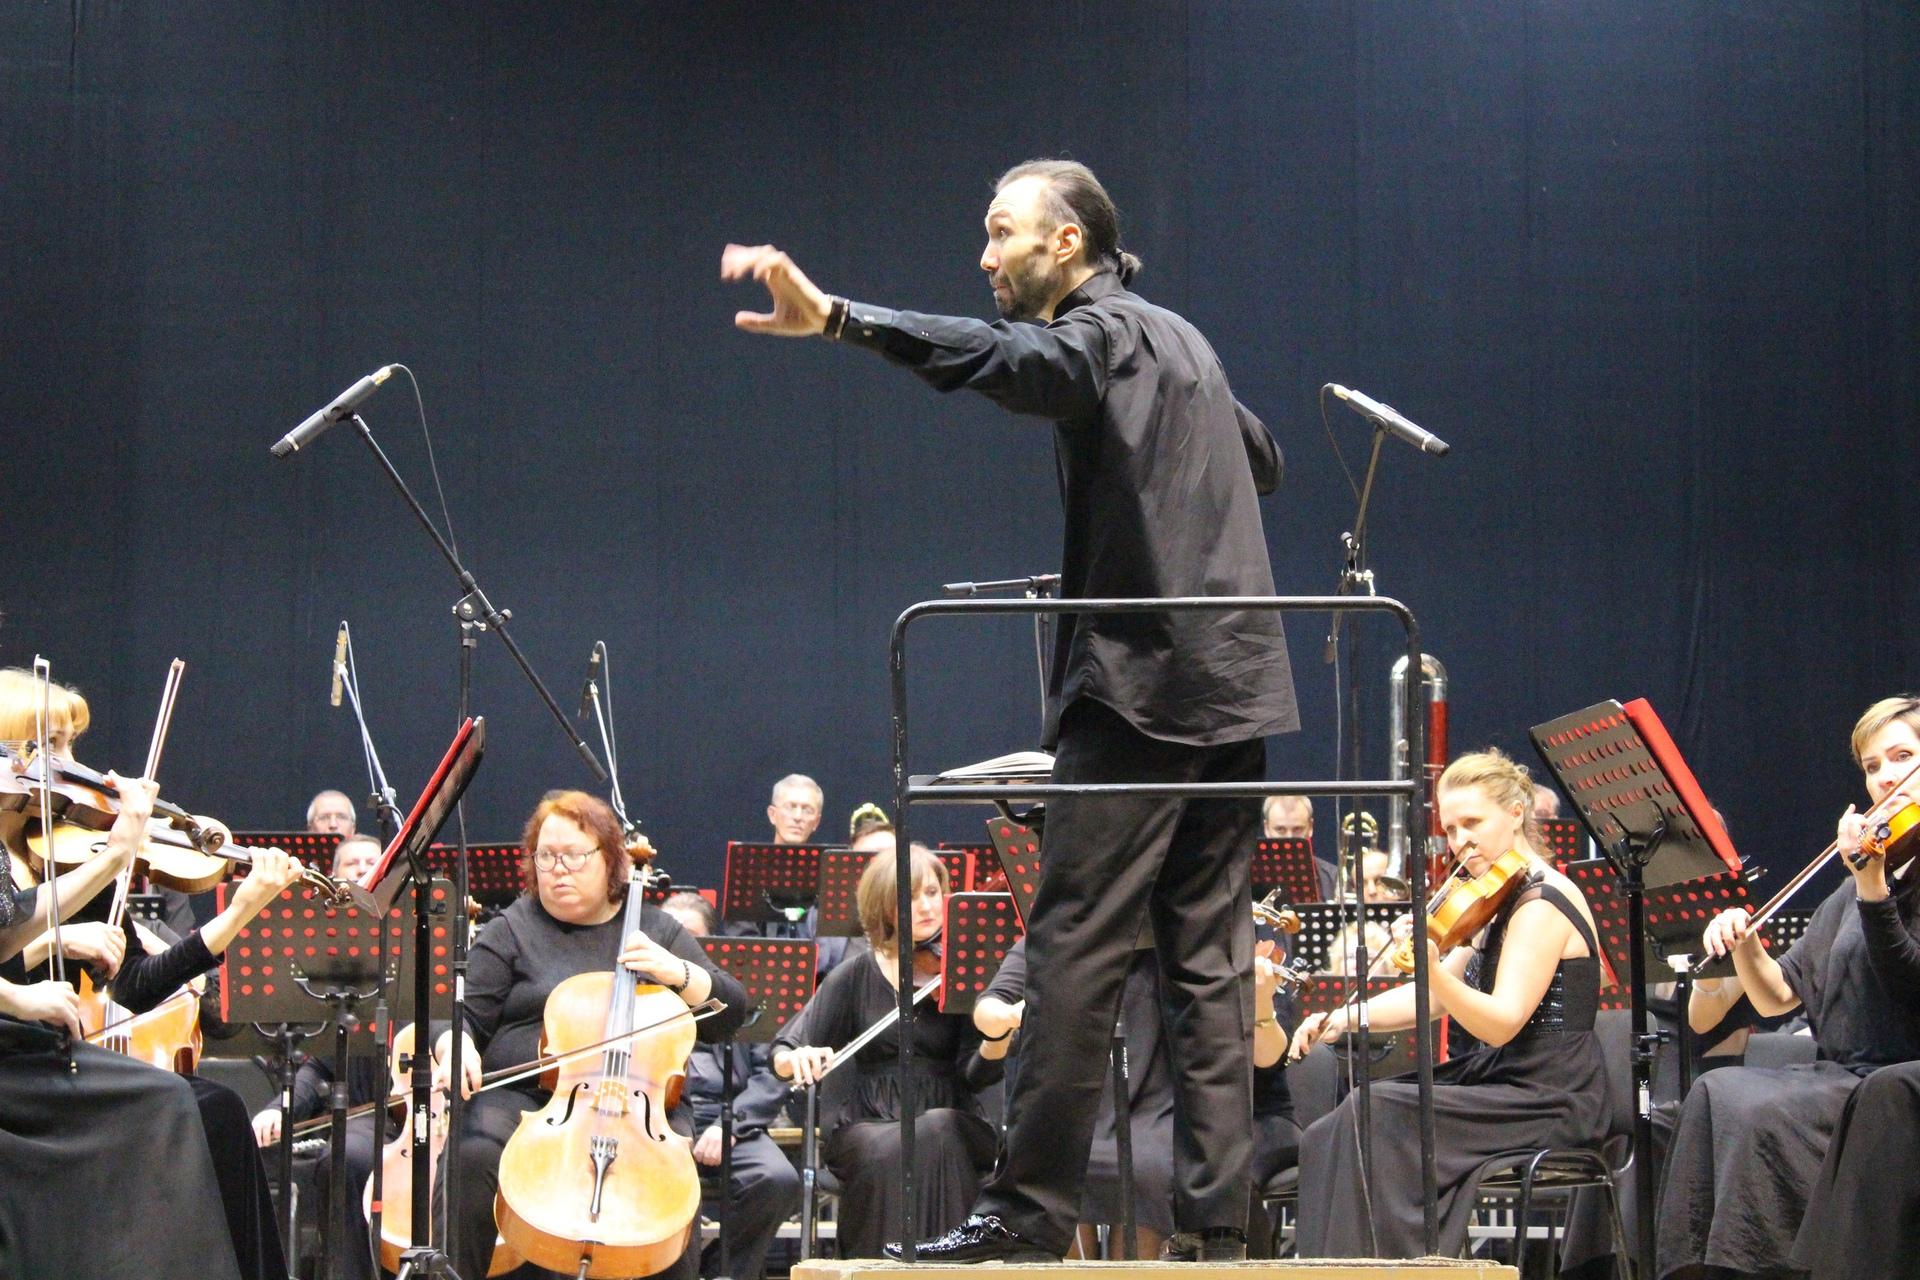 В Тольяттинской филармонии прозвучит музыка из мультфильма «Красавица и Чудовище»